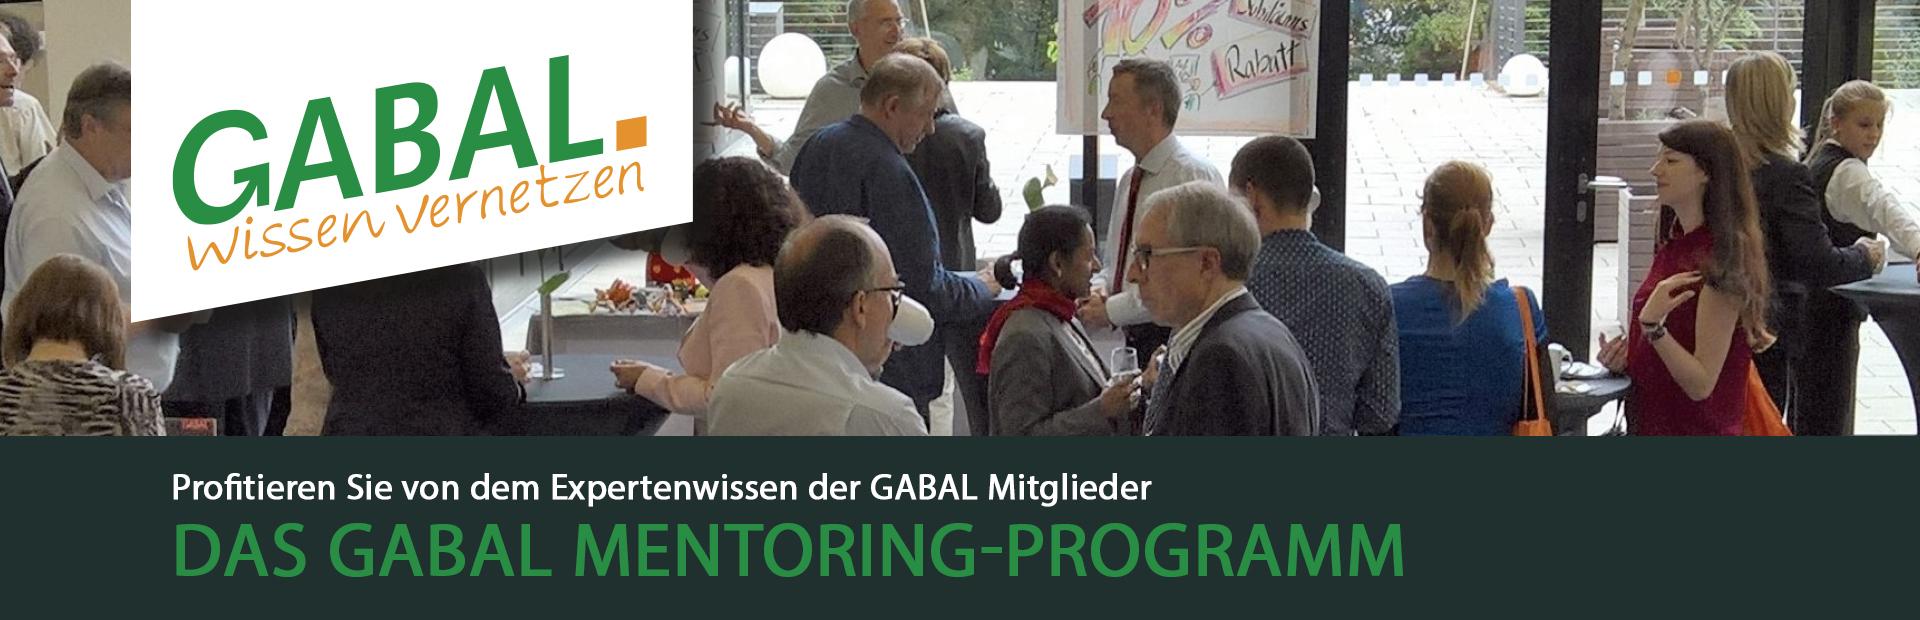 GABAL Mentoring-Programm